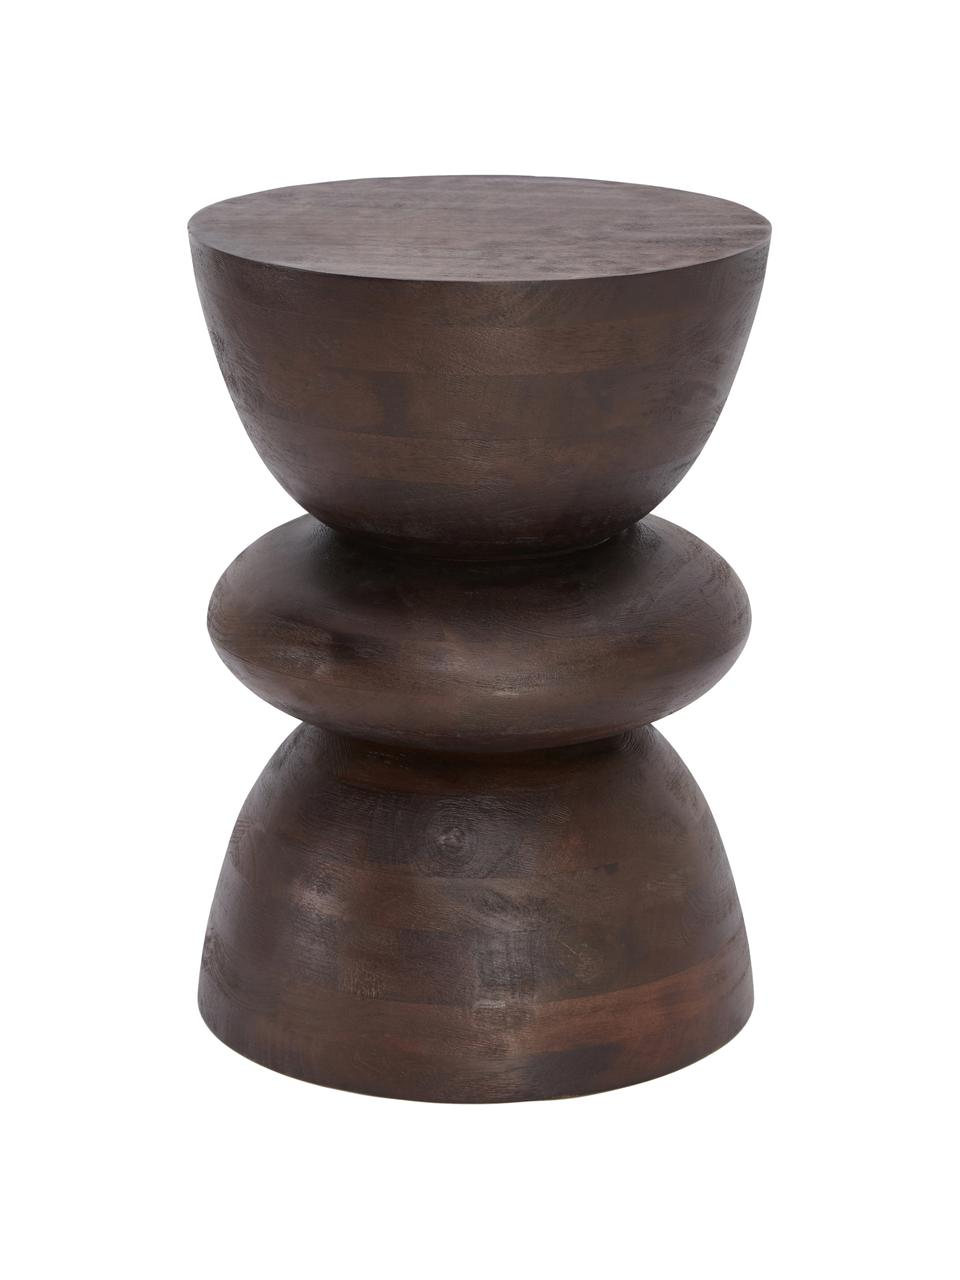 Bijzettafel Benno van mangohout in bruin, Gelakt massief mangohout, Bruin, Ø 35 x H 50 cm